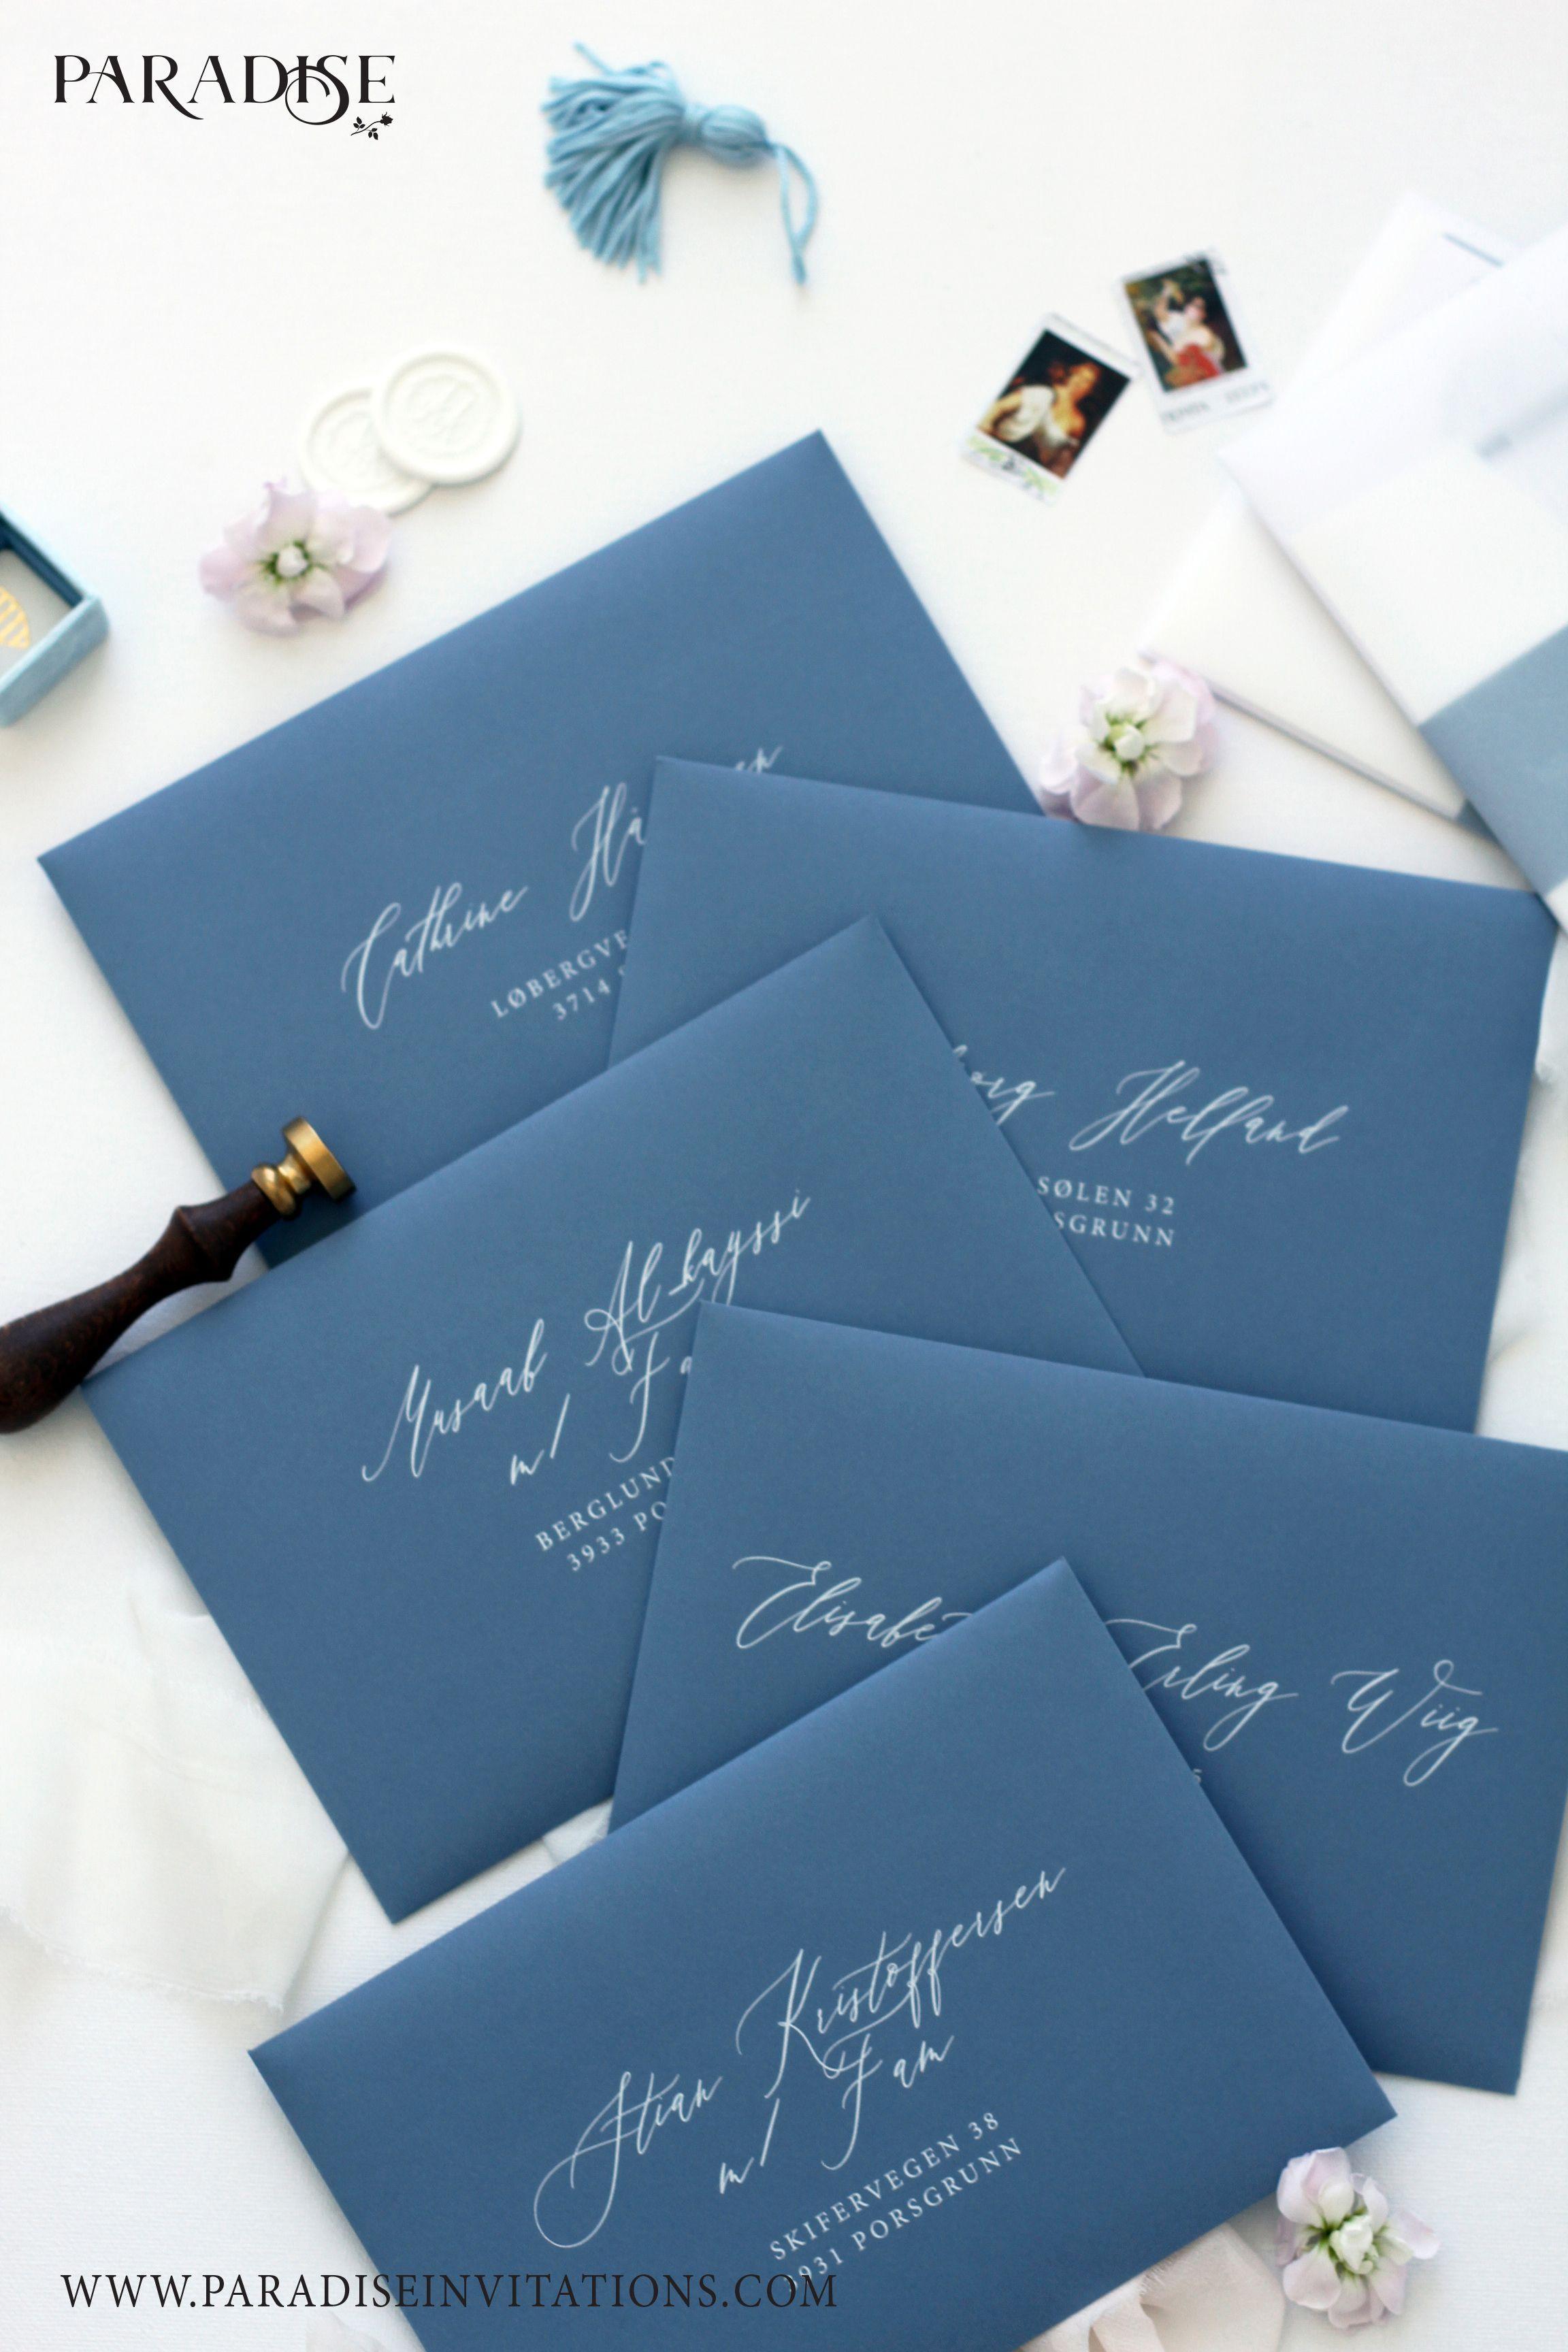 Elegant Dusty Blue Envelopes Wedding Stationery Weddingstationery Envelopes We Wedding Invitation Envelopes Classy Wedding Invitations Blue Wedding Invitations